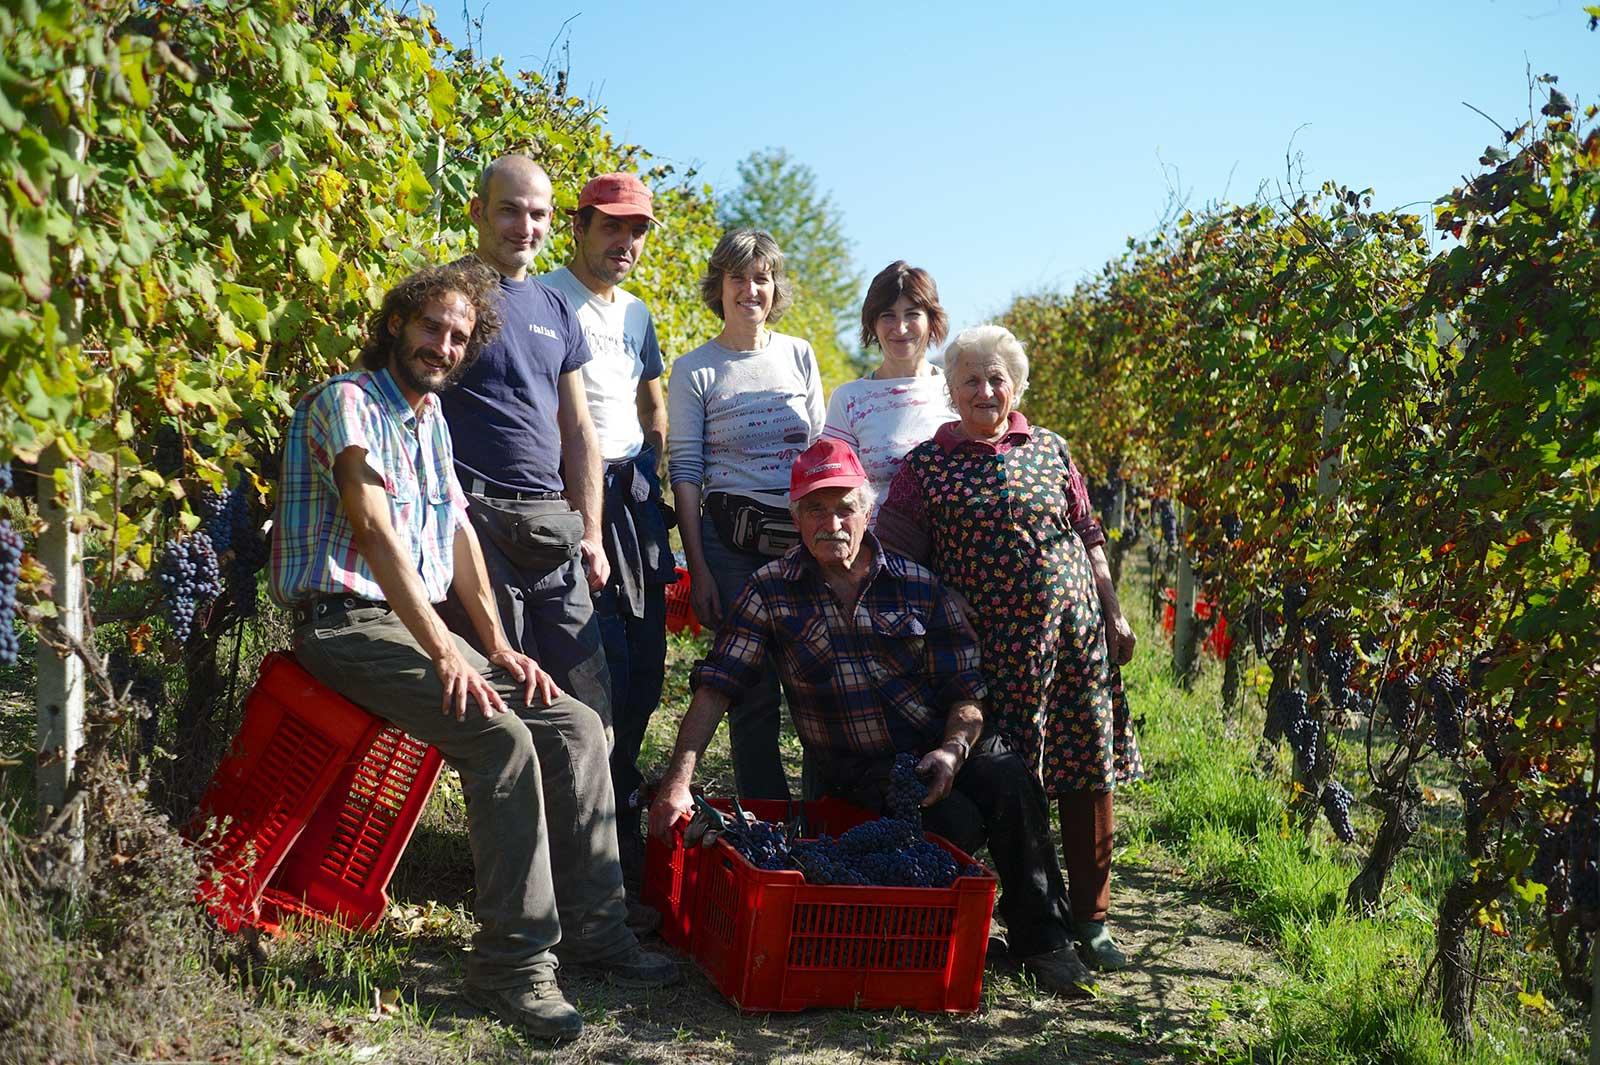 Winegrowers of the Produttori del Barbaresco